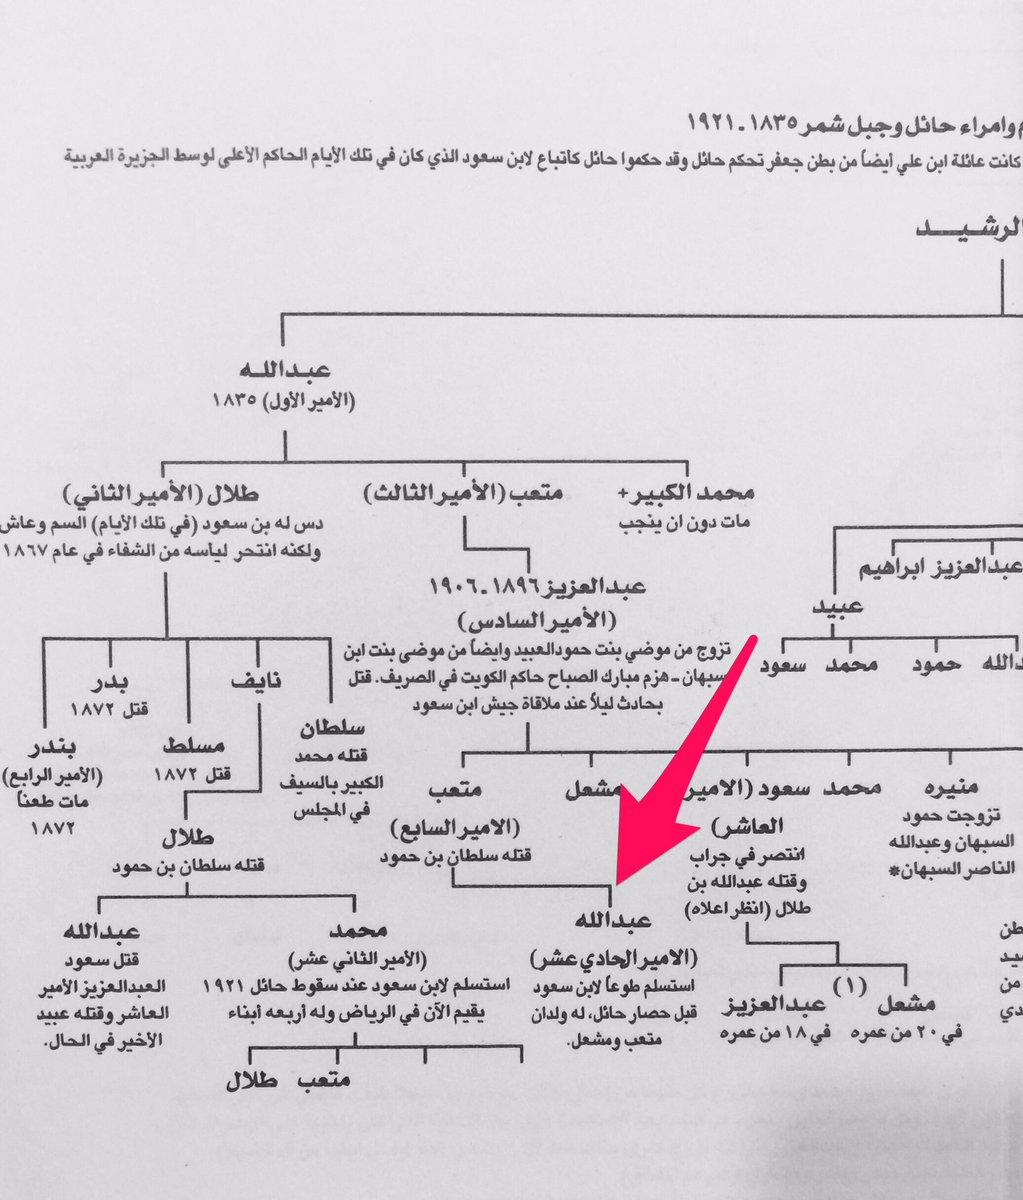 وثائق من التاريخ On Twitter حكم عبدالله بن متعب بن عبدالعزيز بن متعب لمد ة أقل من سنه في ظل إنقسام بين الأسرة وشكوك من الغدر به فلجأ إلى الرياض